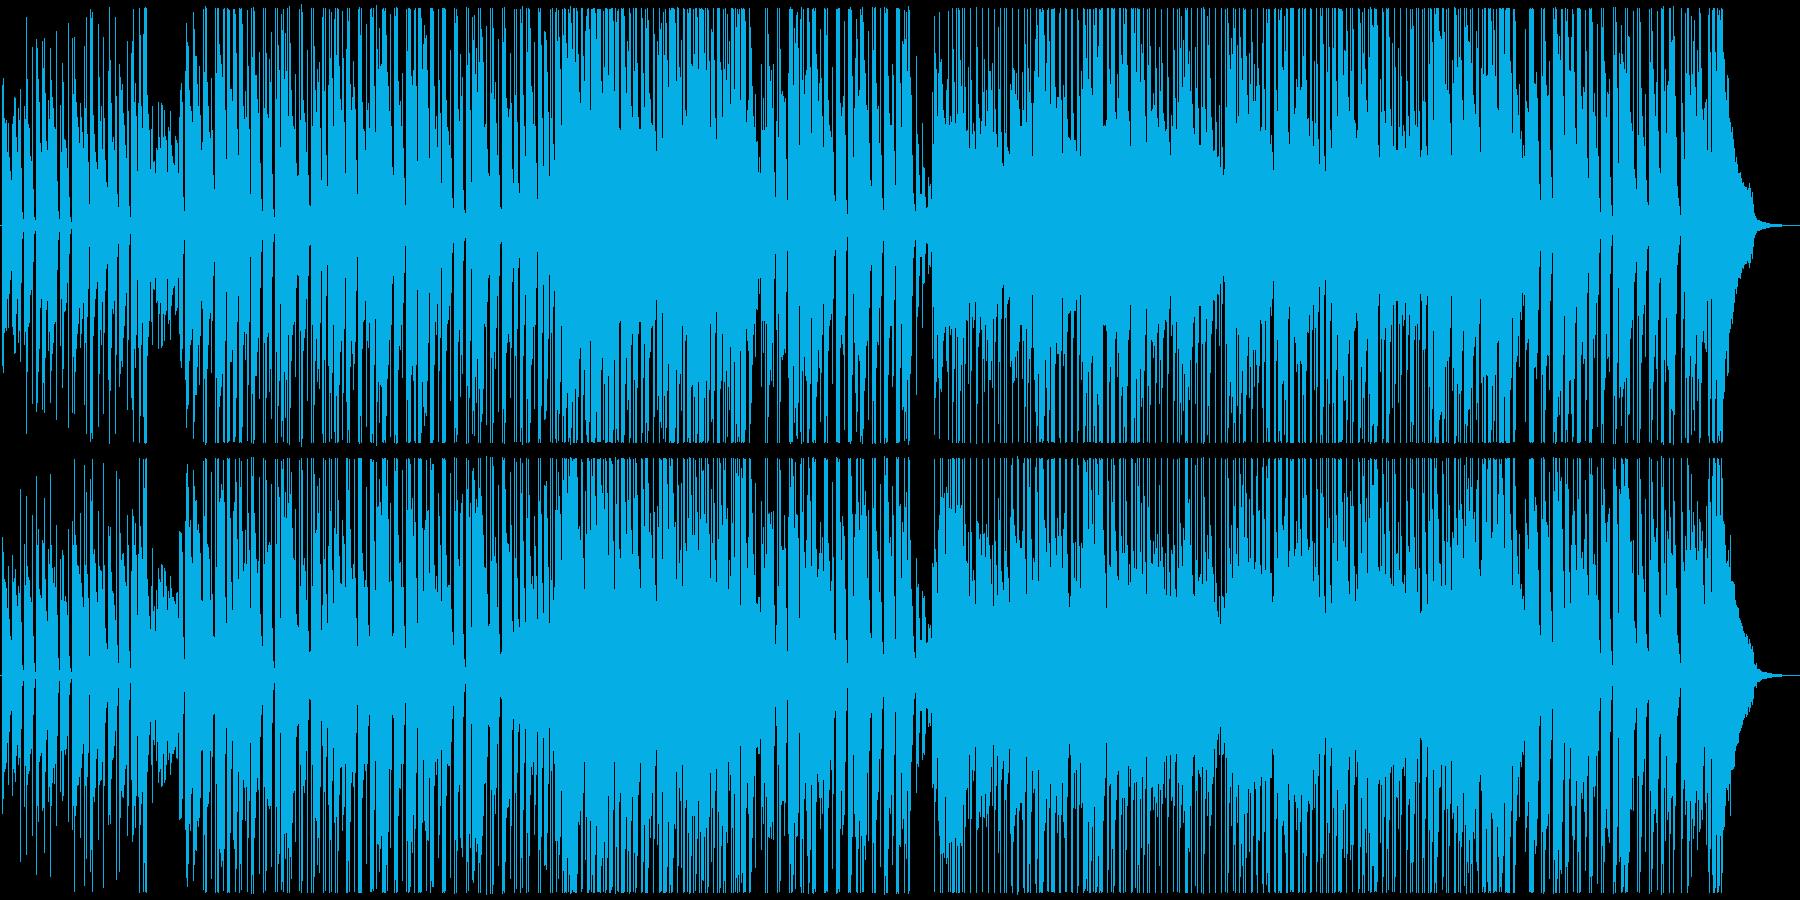 セクシーな大人のお洒落ジャズ(ソロ有り)の再生済みの波形